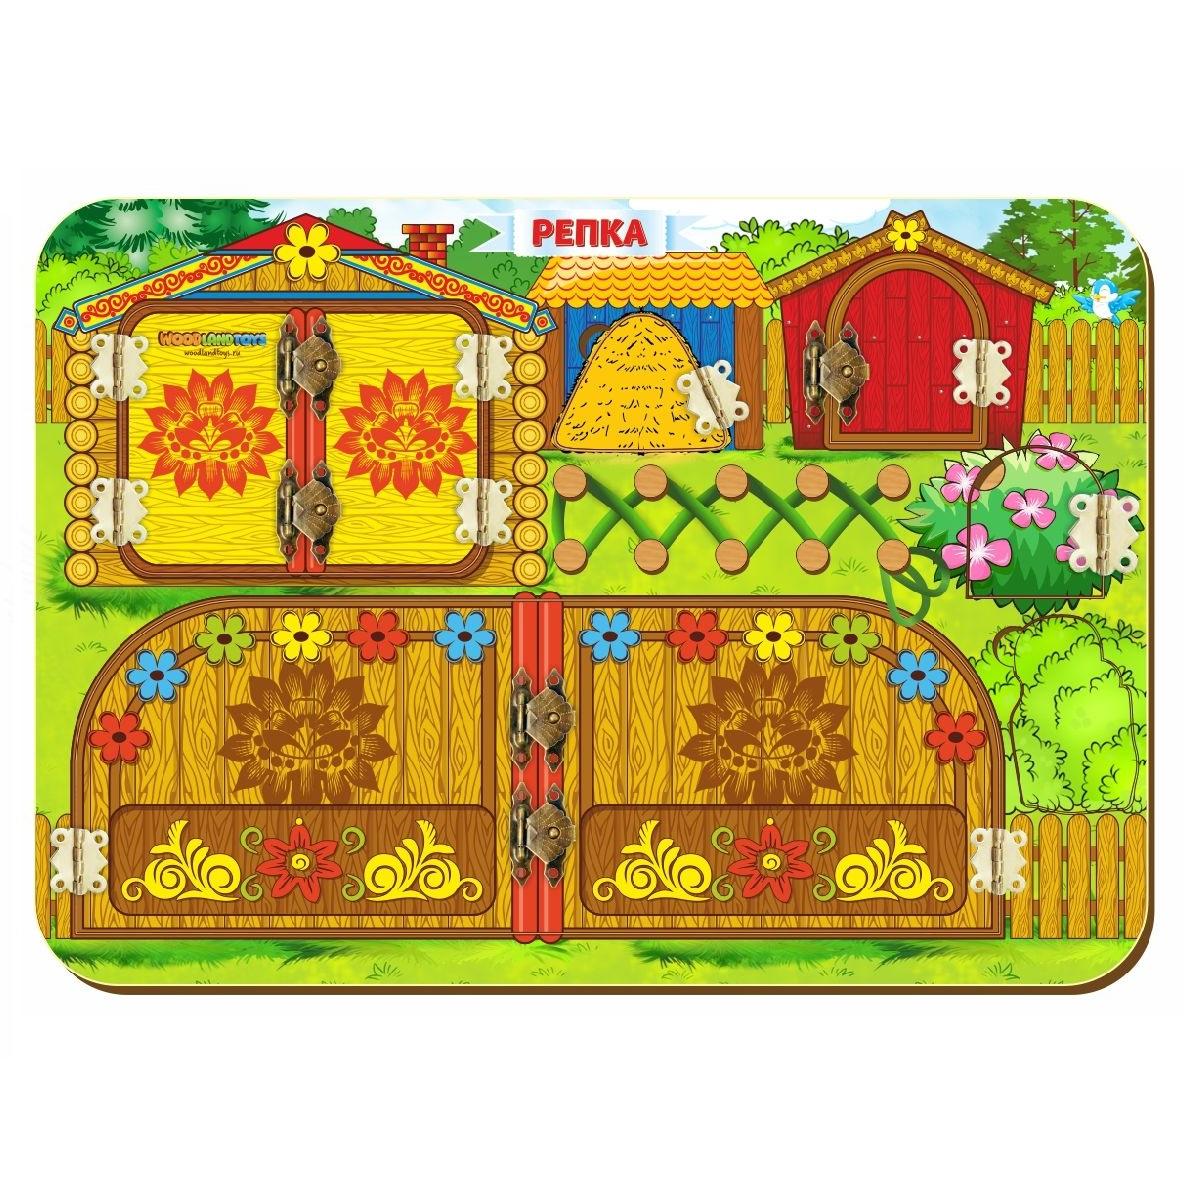 Купить Развивающая игрушка бизиборд репка 27 5 х 19 5 см Woodland 112106, Бизиборды